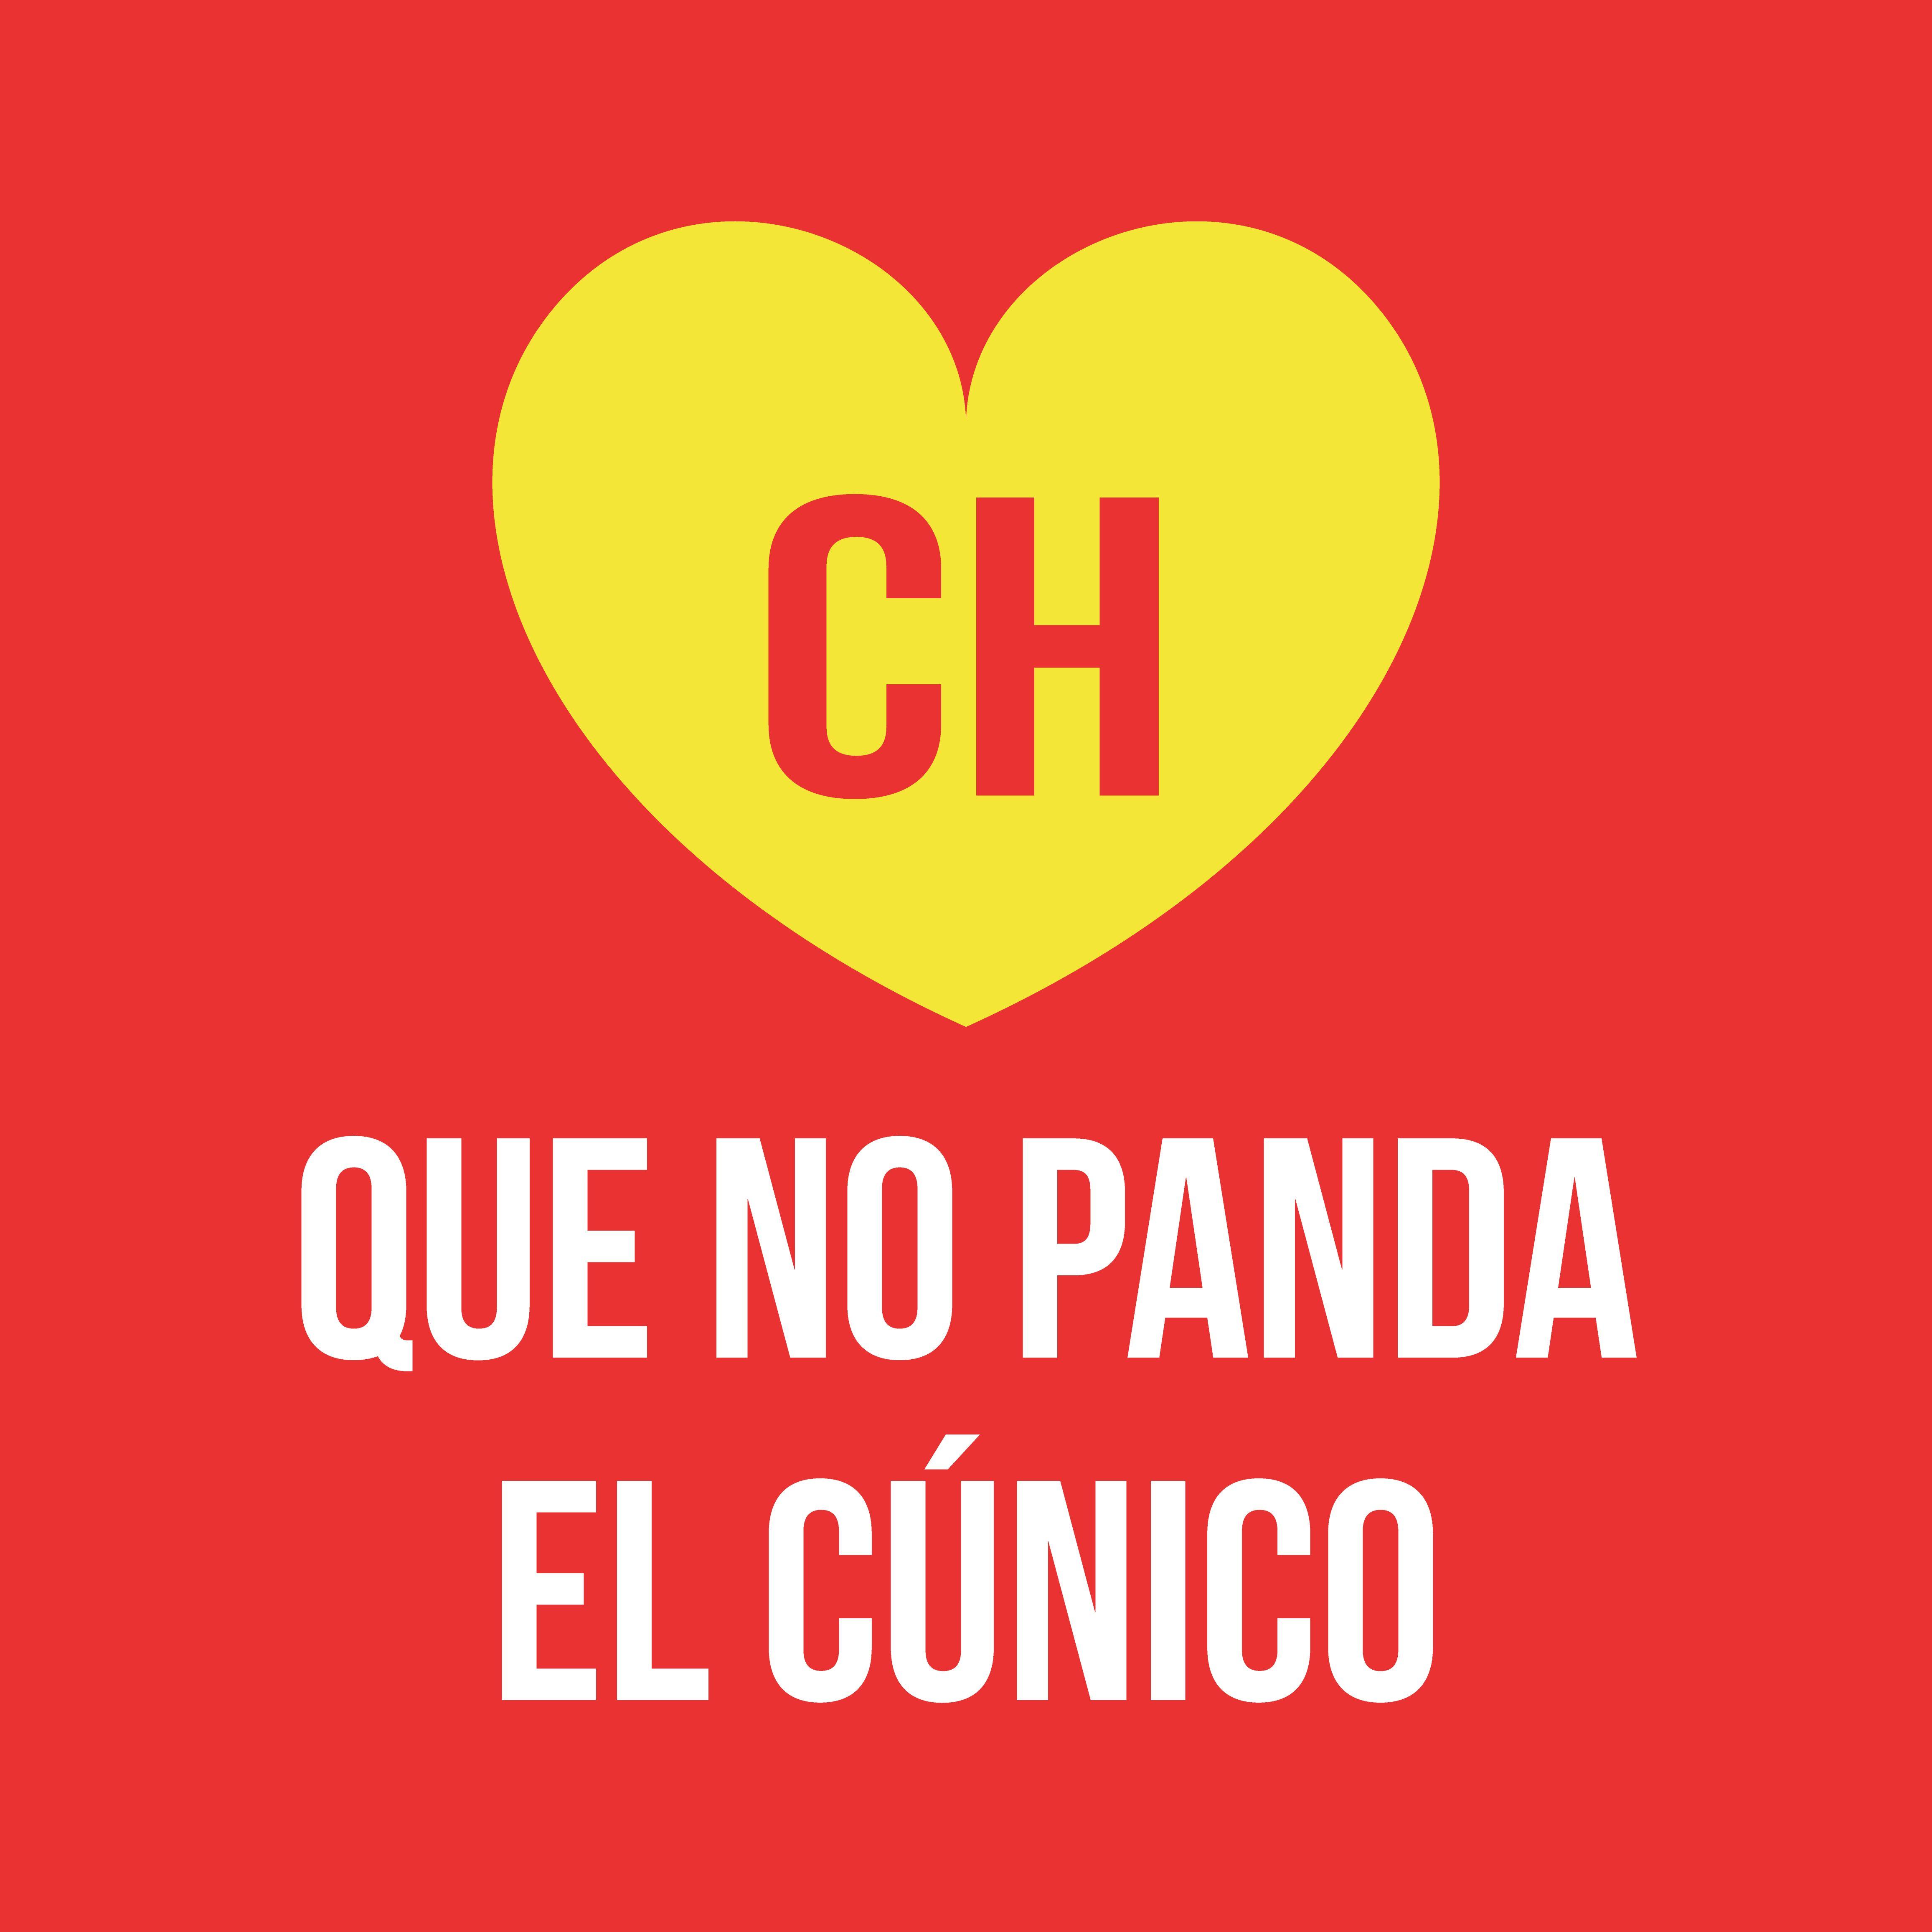 Que No Panda El Cunico Corazon Amarillo Personajes De El Chavo Fotos De Deadpool El Chapulin Colorado